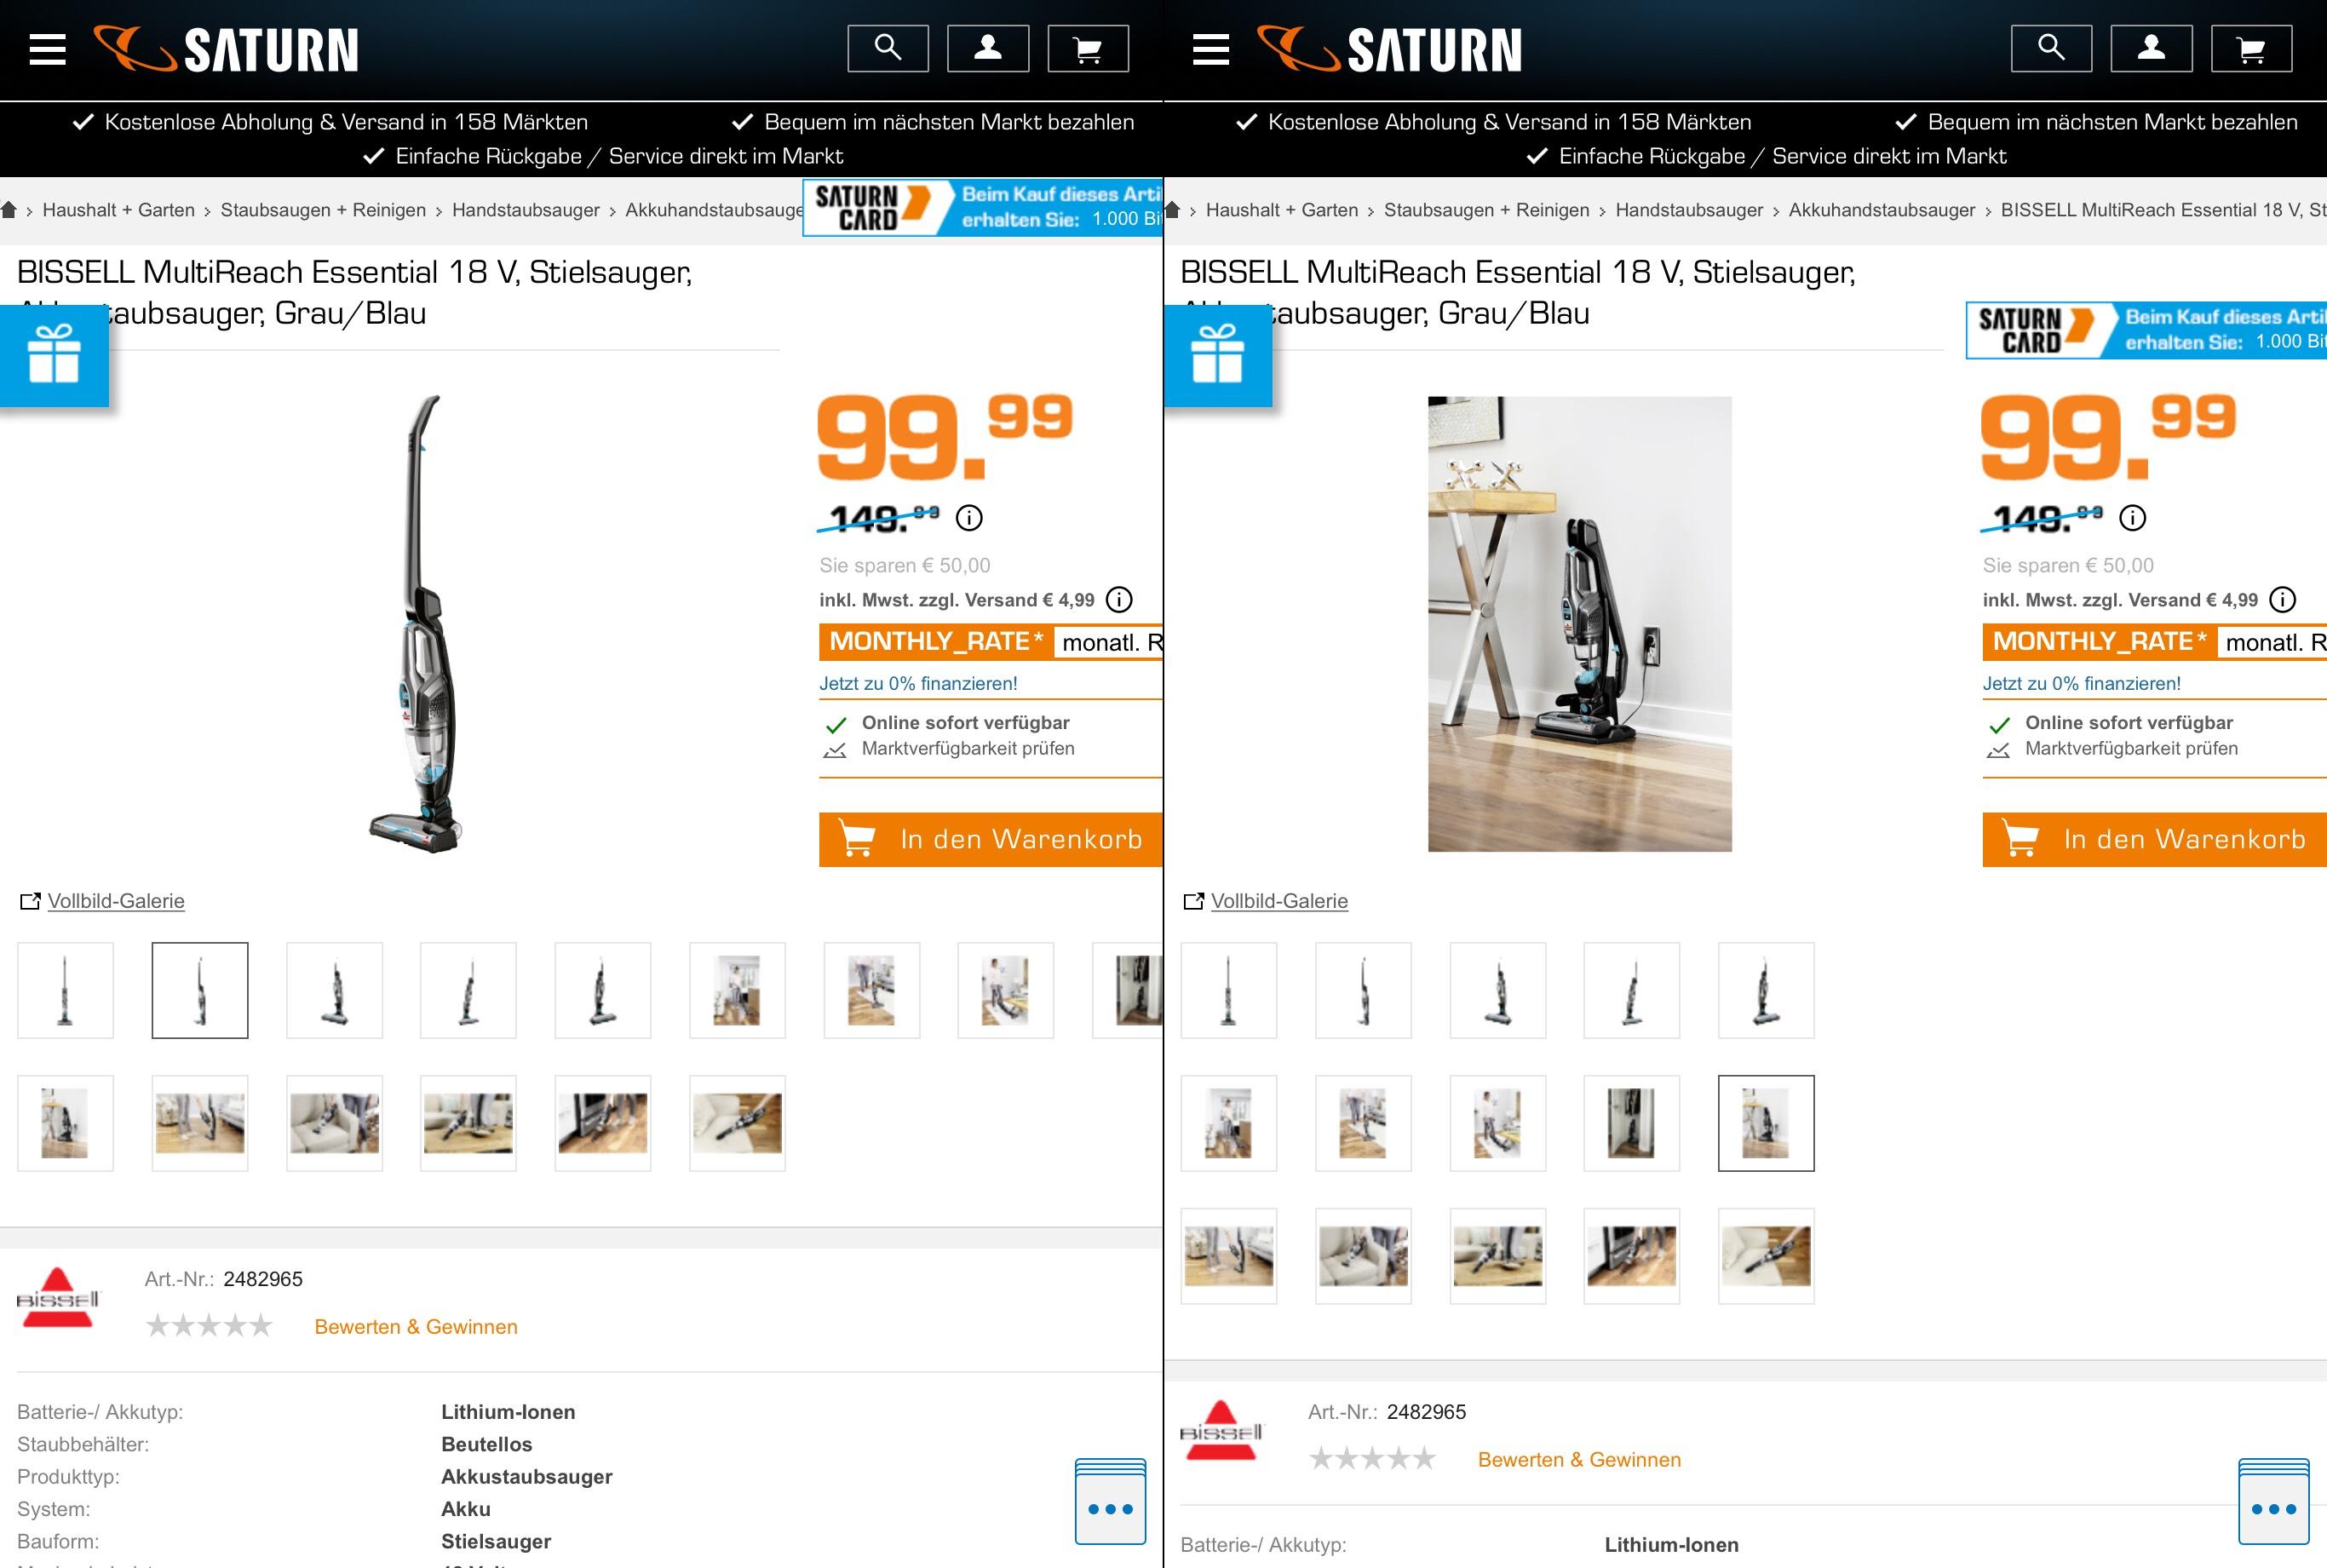 BISSELL MultiReach Essential 18 V, Stielsauger, Akkustaubsauger Handstick - 99,90 €